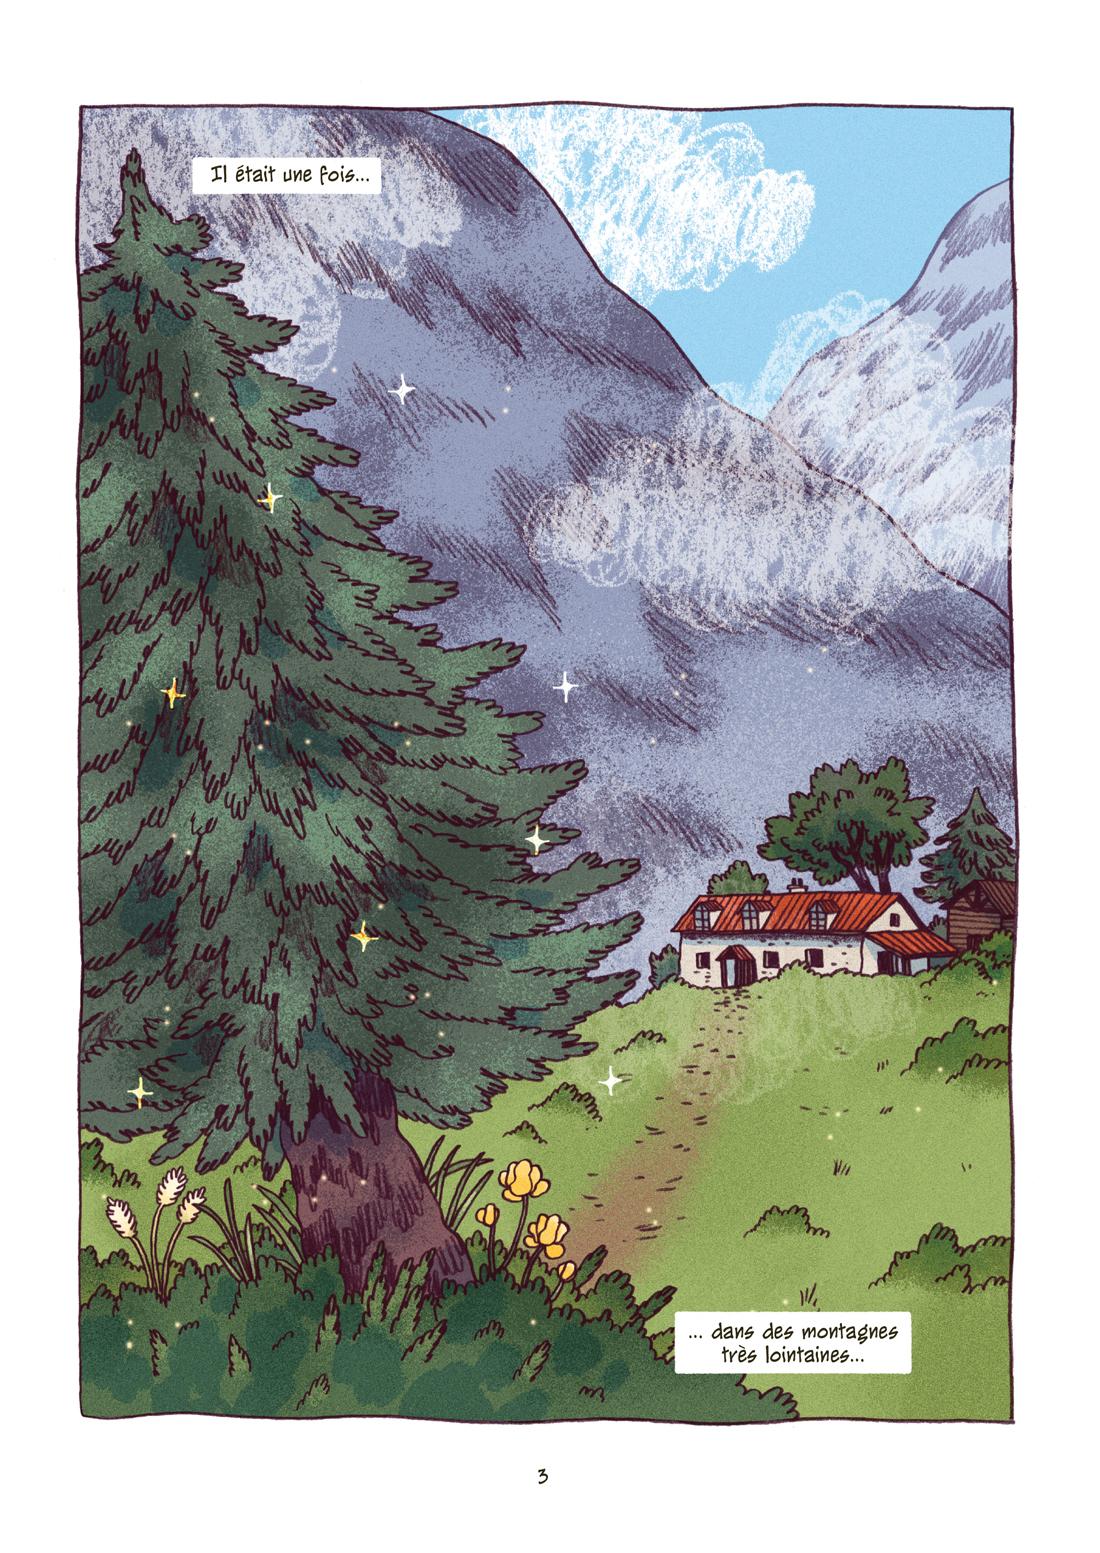 Les Merveilleux Contes de Grimm, planche de l'album © Les Aventuriers de l'Etrange / Tamarit / Grimm